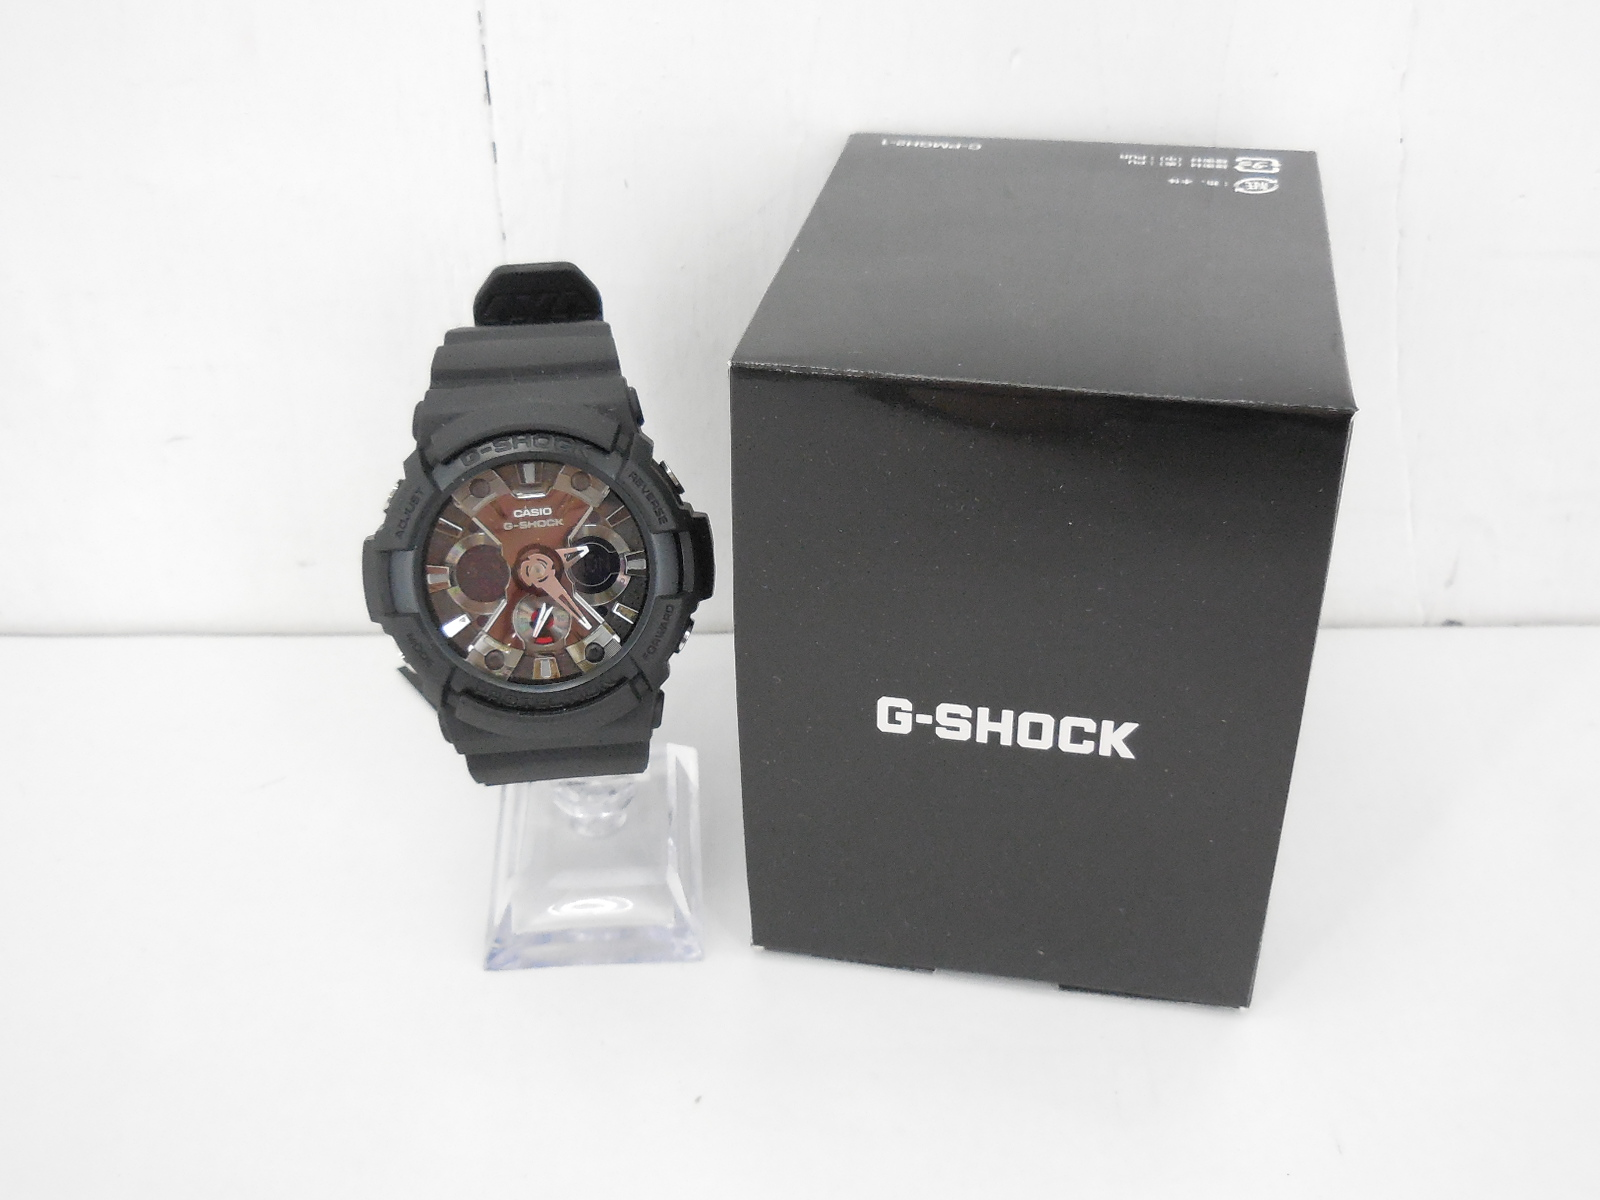 G-SHOCK GA-201-1AJF ジーショック デジタル・アナログ ブラック 時計 ウォッチ